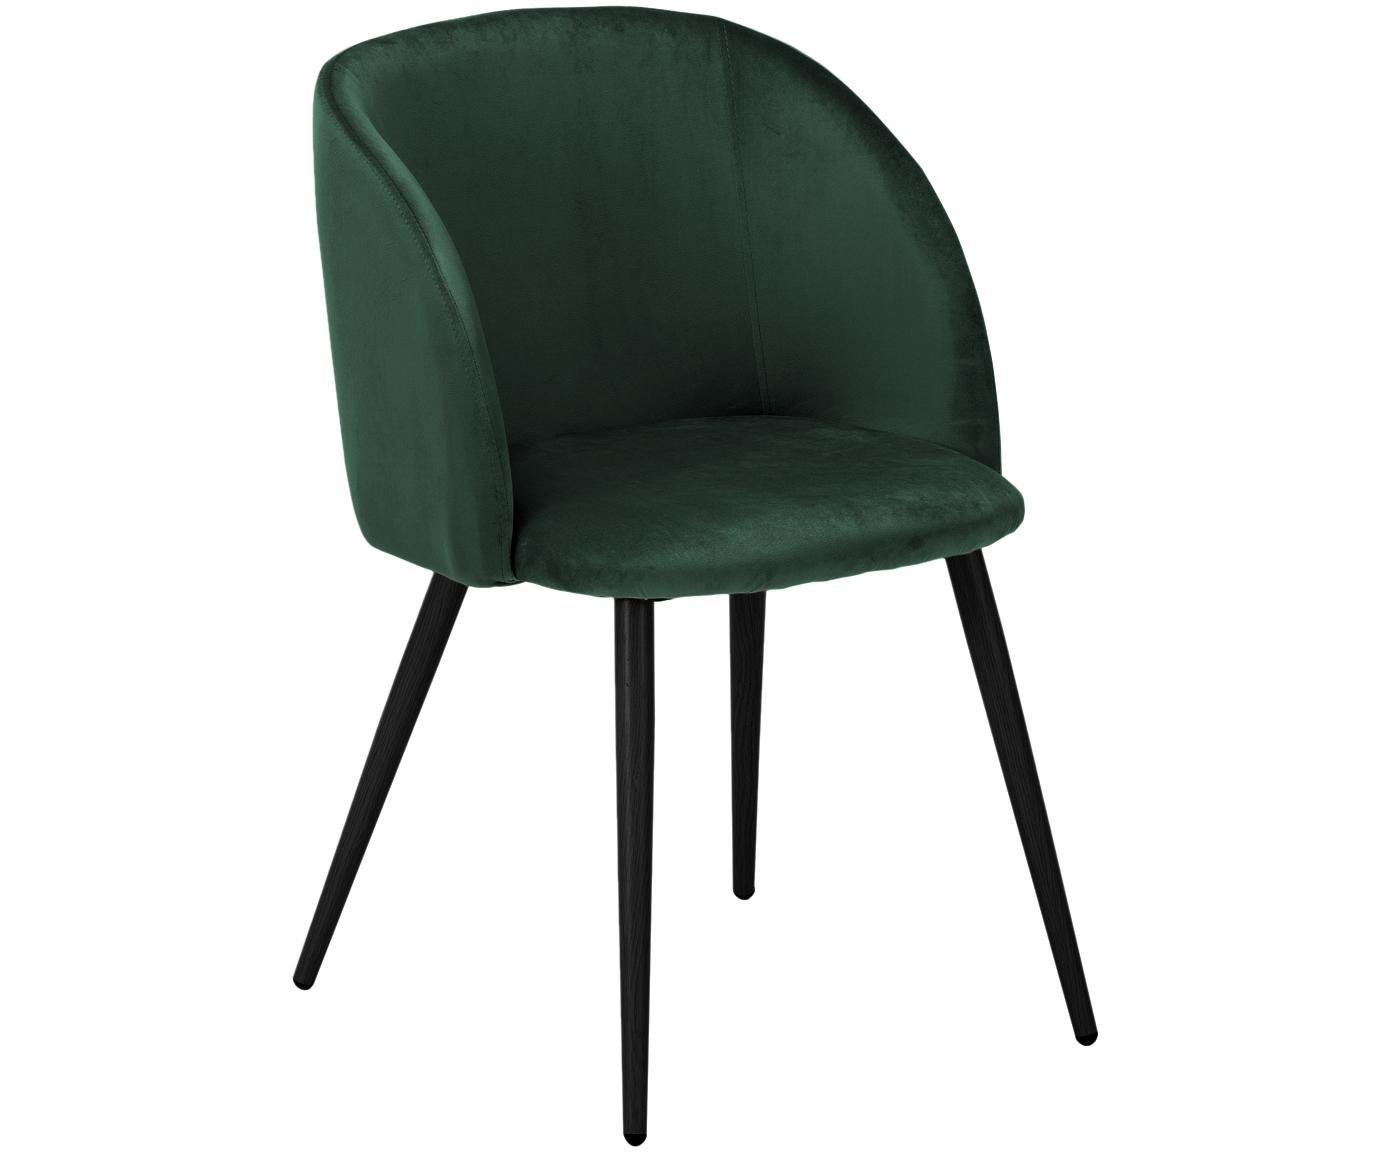 Krzesło tapicerowane z aksamitu Yoki, 2 szt., Tapicerka: aksamit (poliester) 2000, Nogi: metal malowany proszkowo, Tapicerka: ciemnozielony Nogi: czarny, matowy, S 53 x G 57 cm